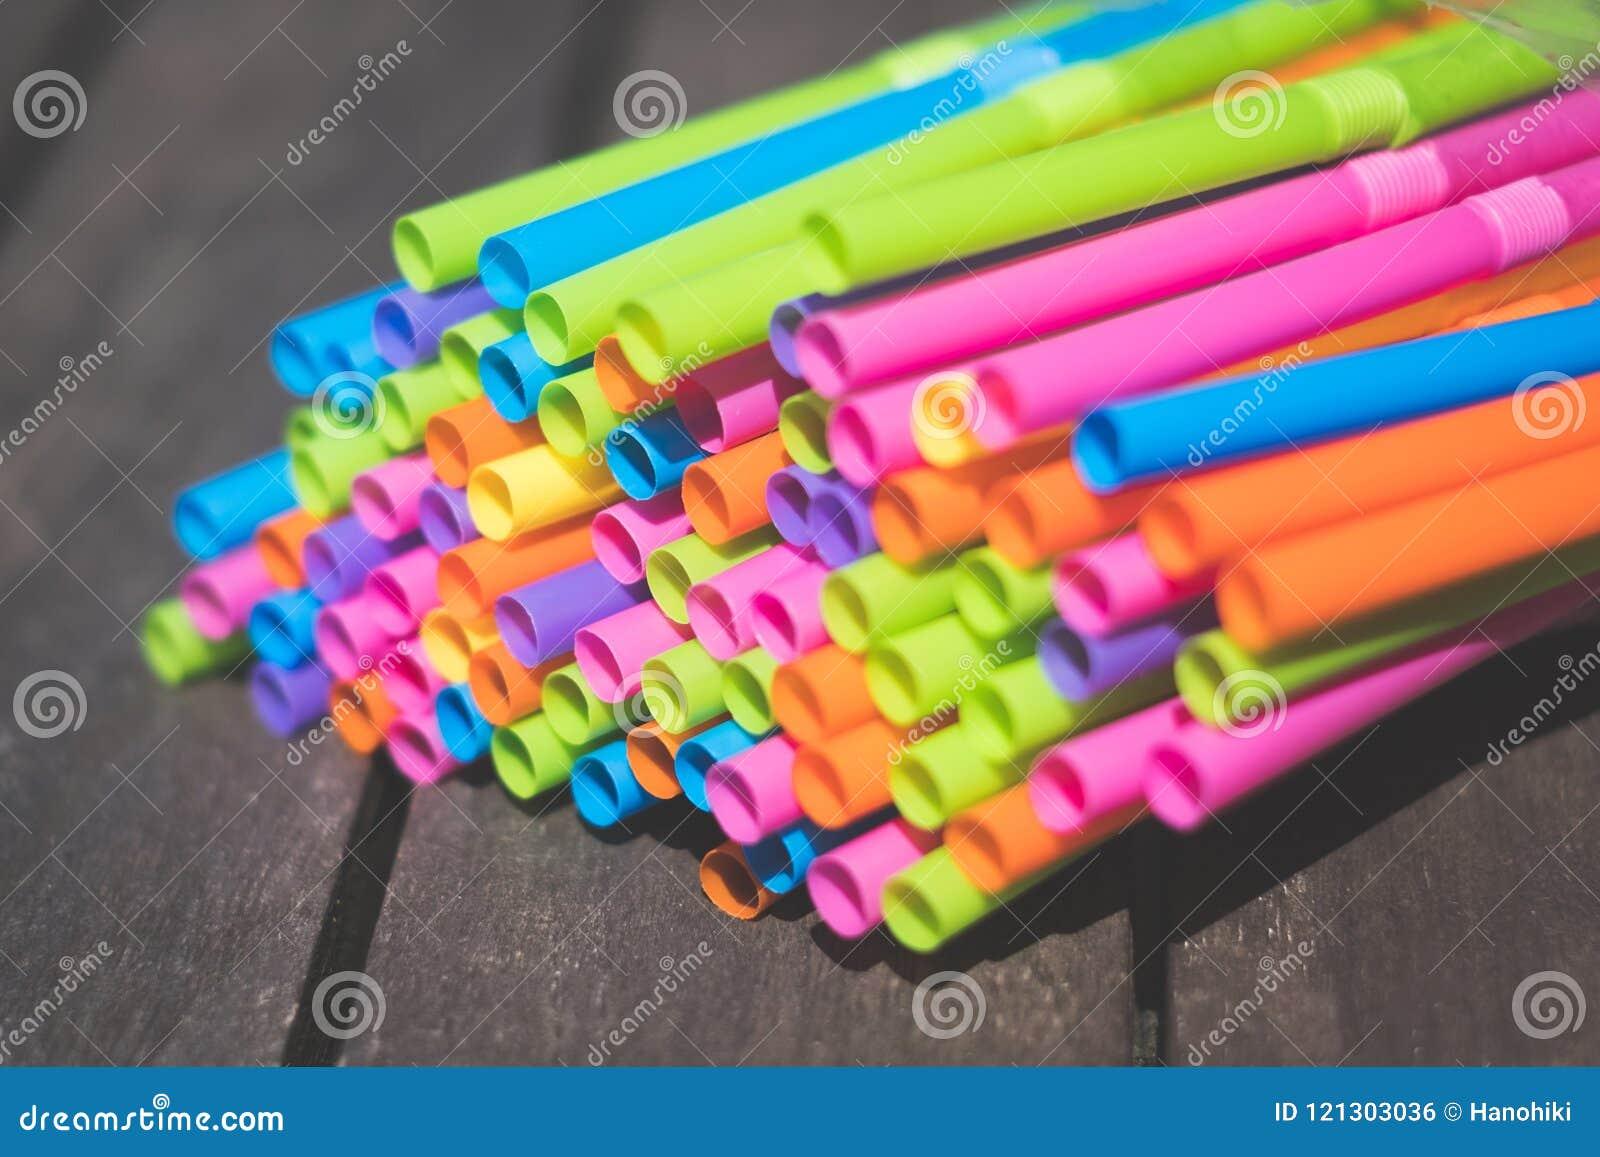 Pić słomy zbliżenie, kolorowy plastikowy słomiany makro-